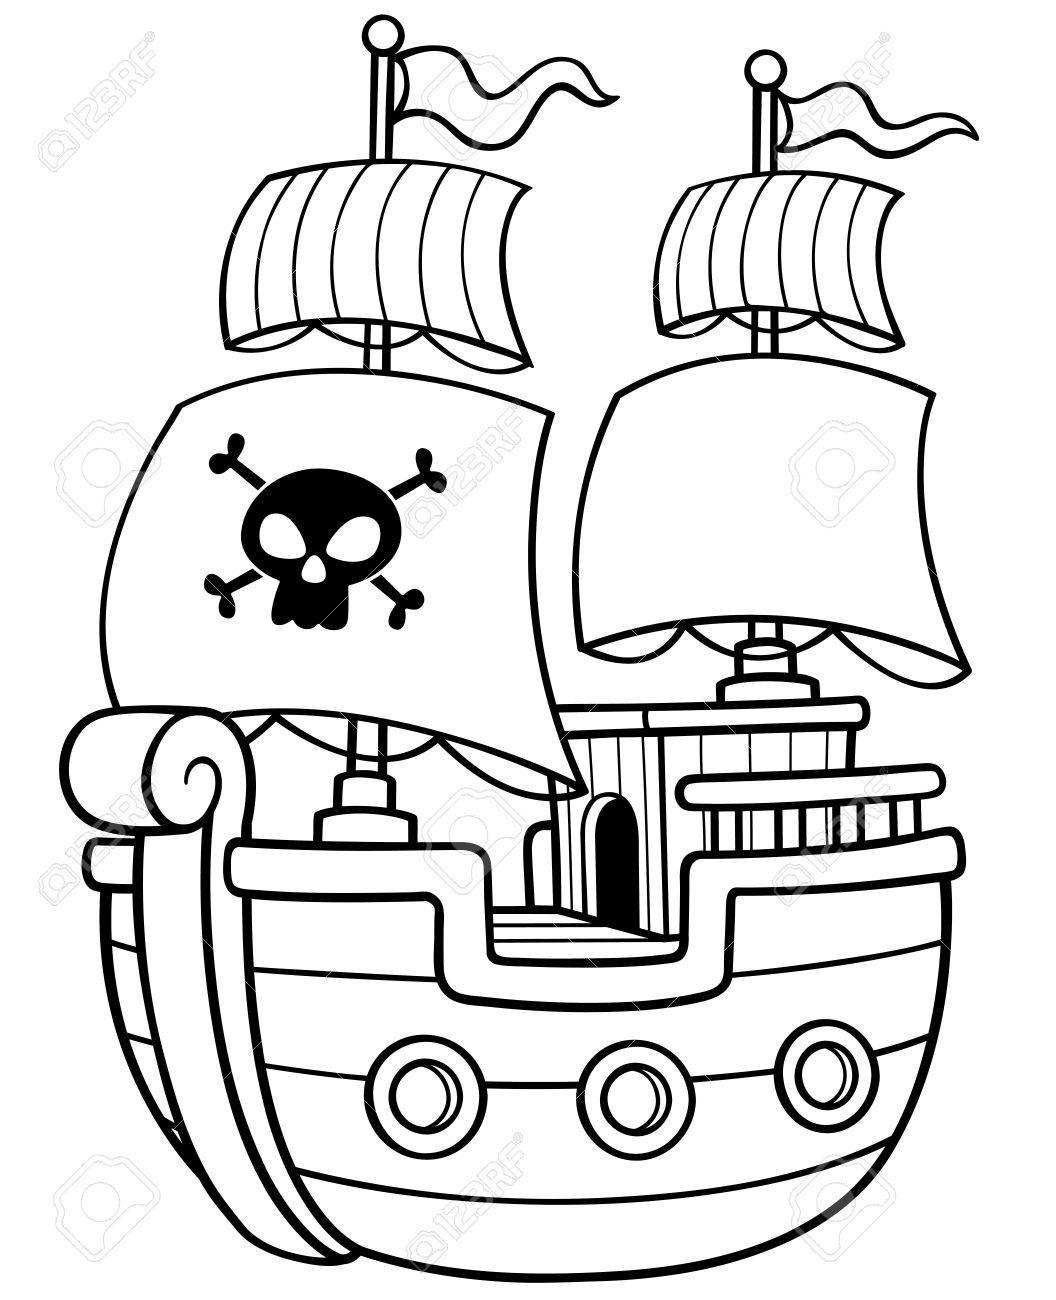 Illustration Vectorielle De Livre De Coloriage De Bateau De Pirate Pirates Dessin Coloriage Livre Coloriage